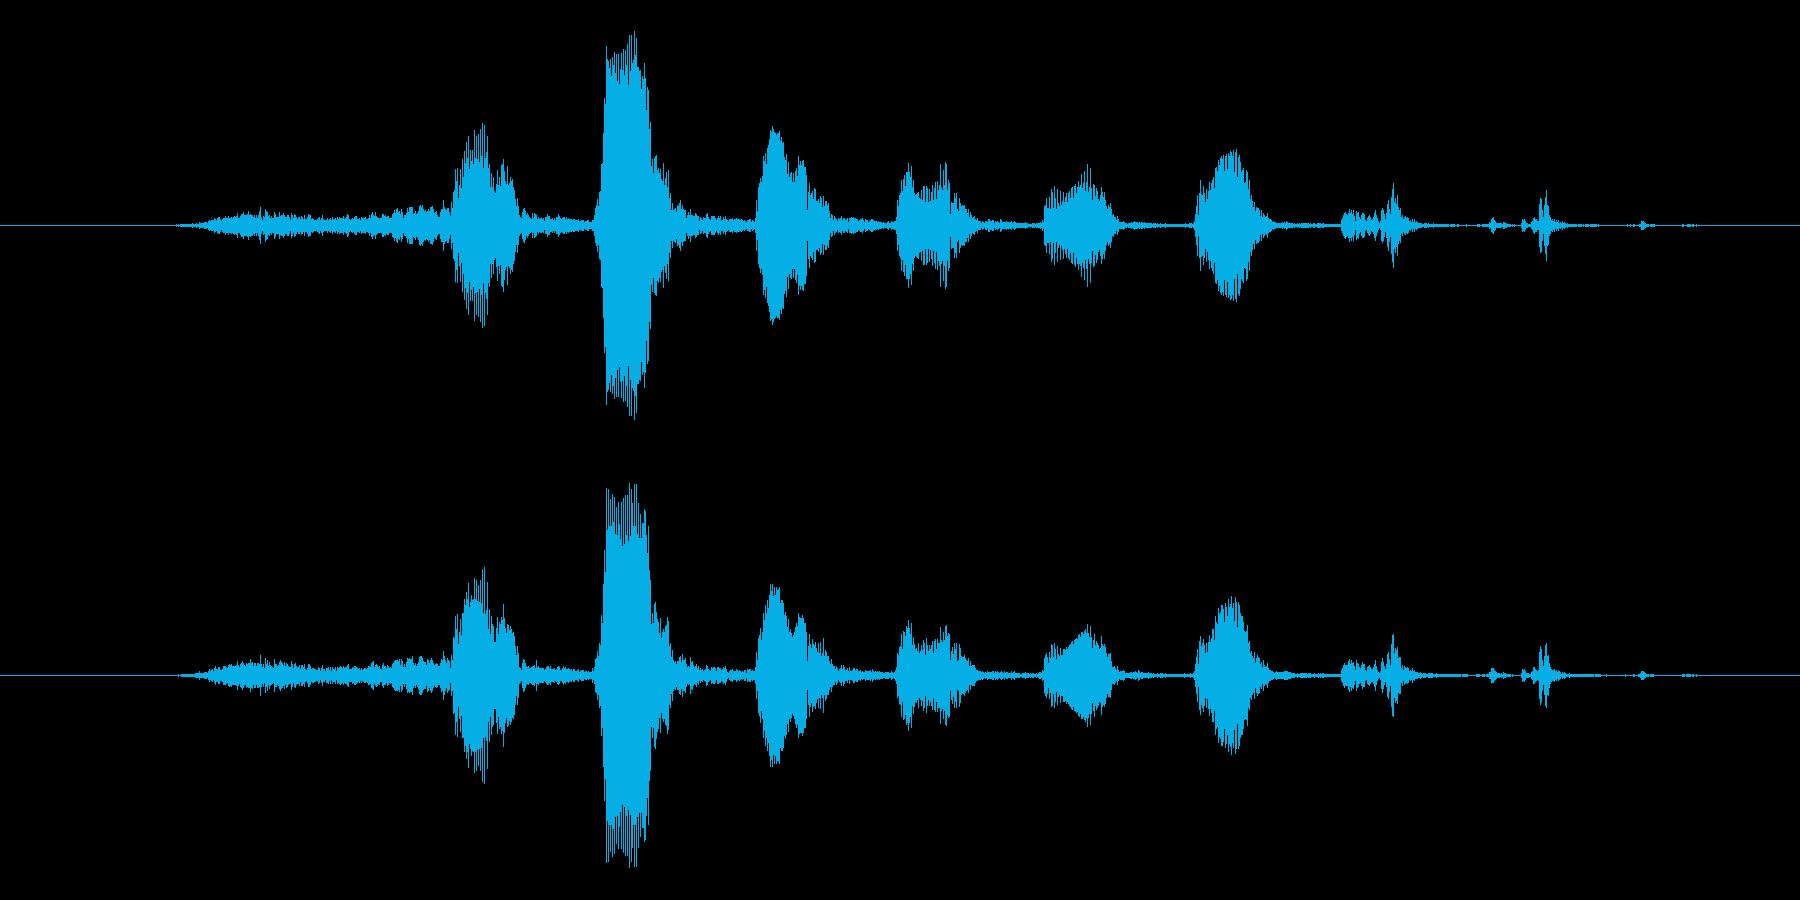 悪い笑い声の再生済みの波形